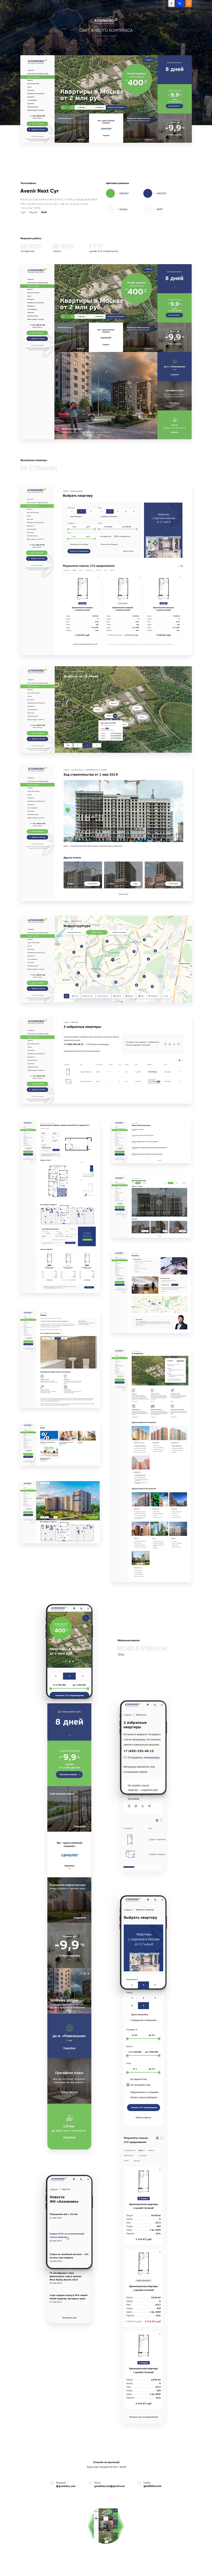 Дизайн многостраничного сайта – Жилой комплекс «Алхимово»